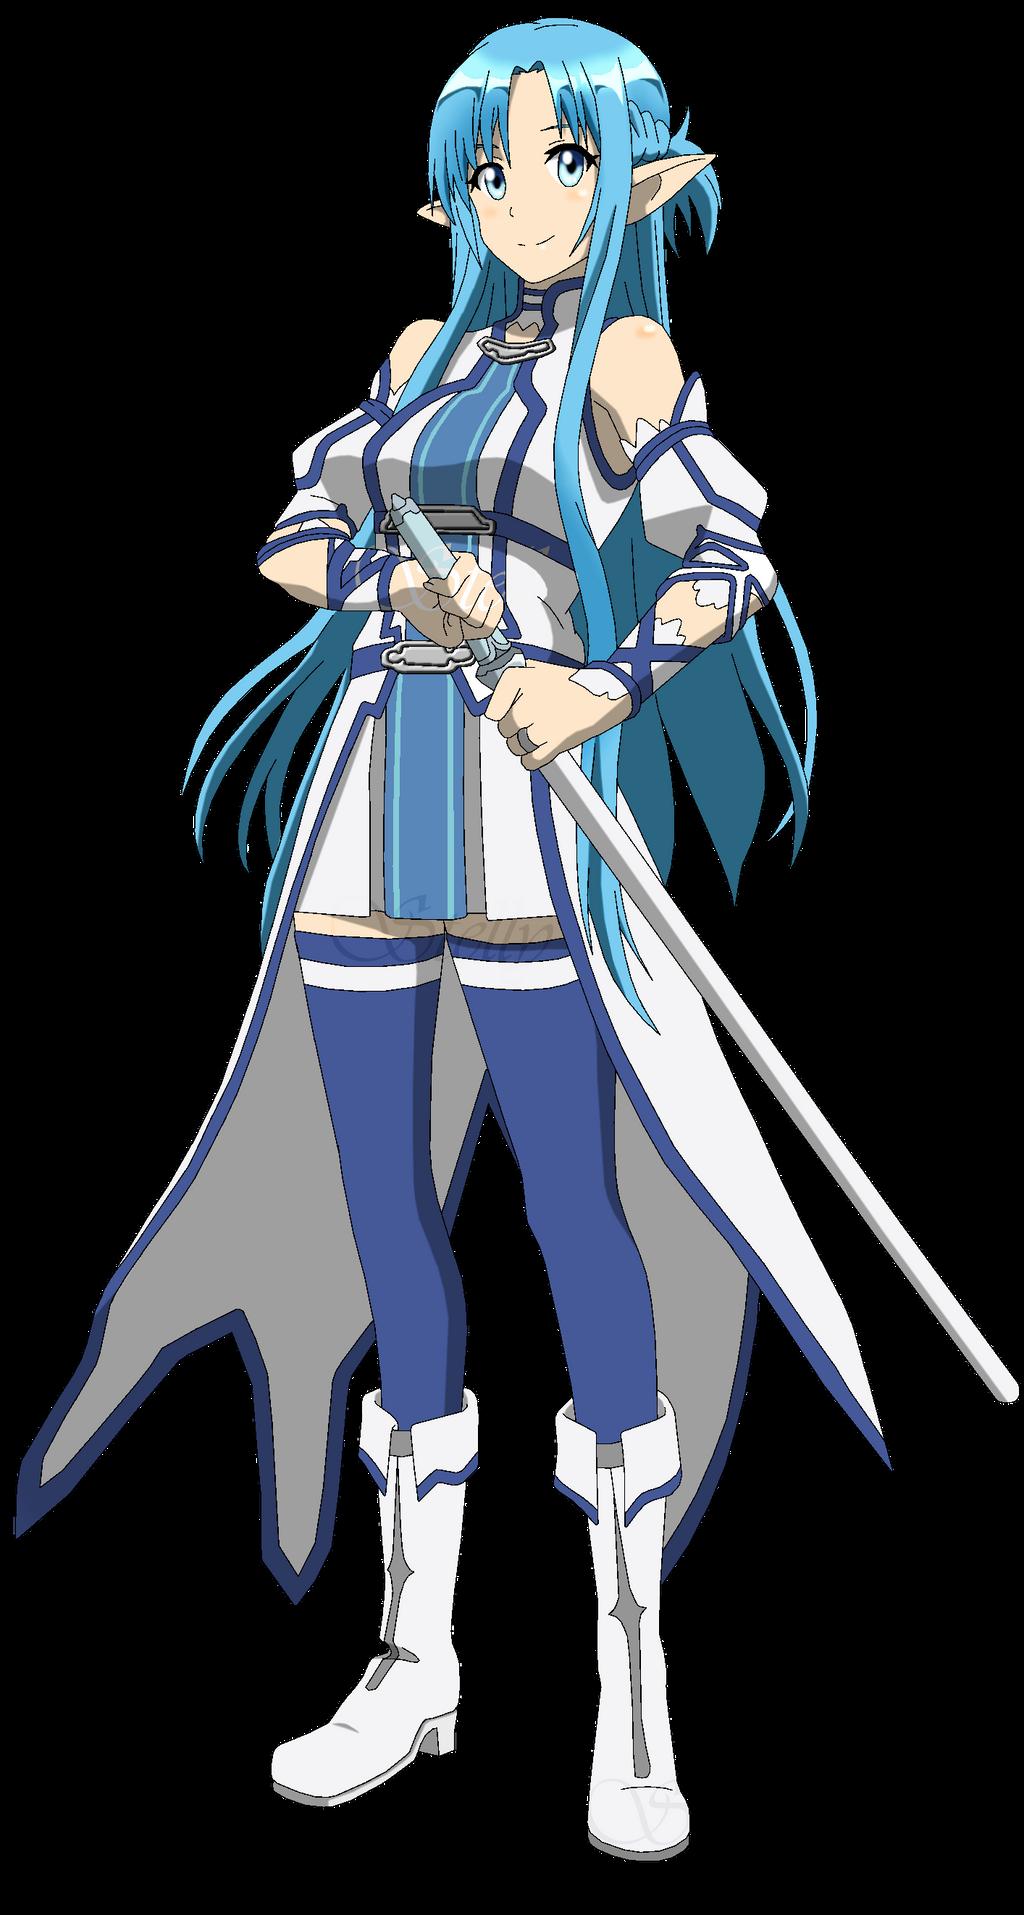 Asuna (ALO) - Yuuki Asuna - Image #2414305 - Zerochan